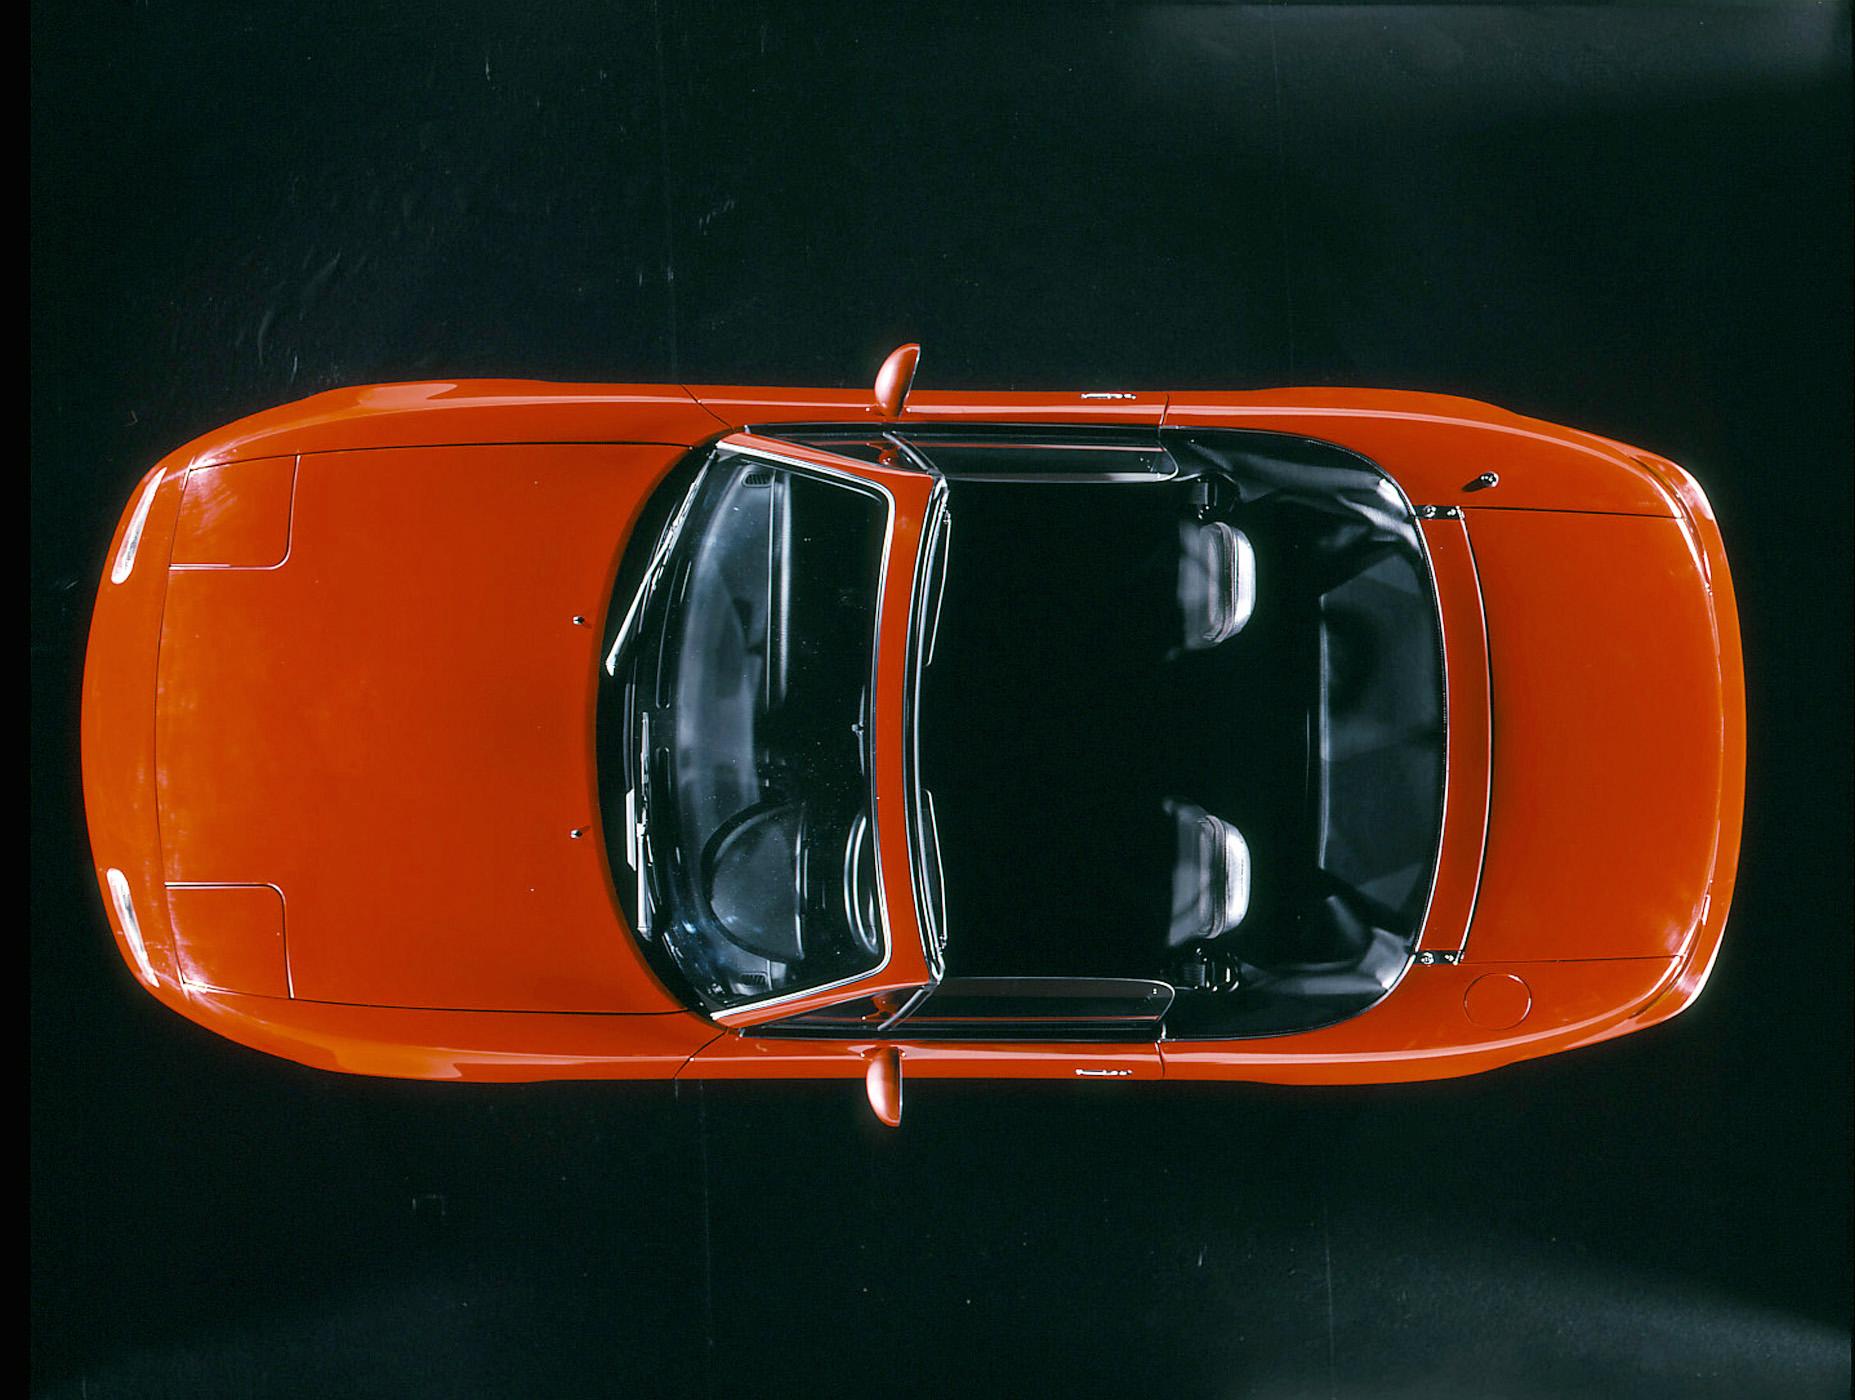 1990 mazda miata mx5 red overhead view